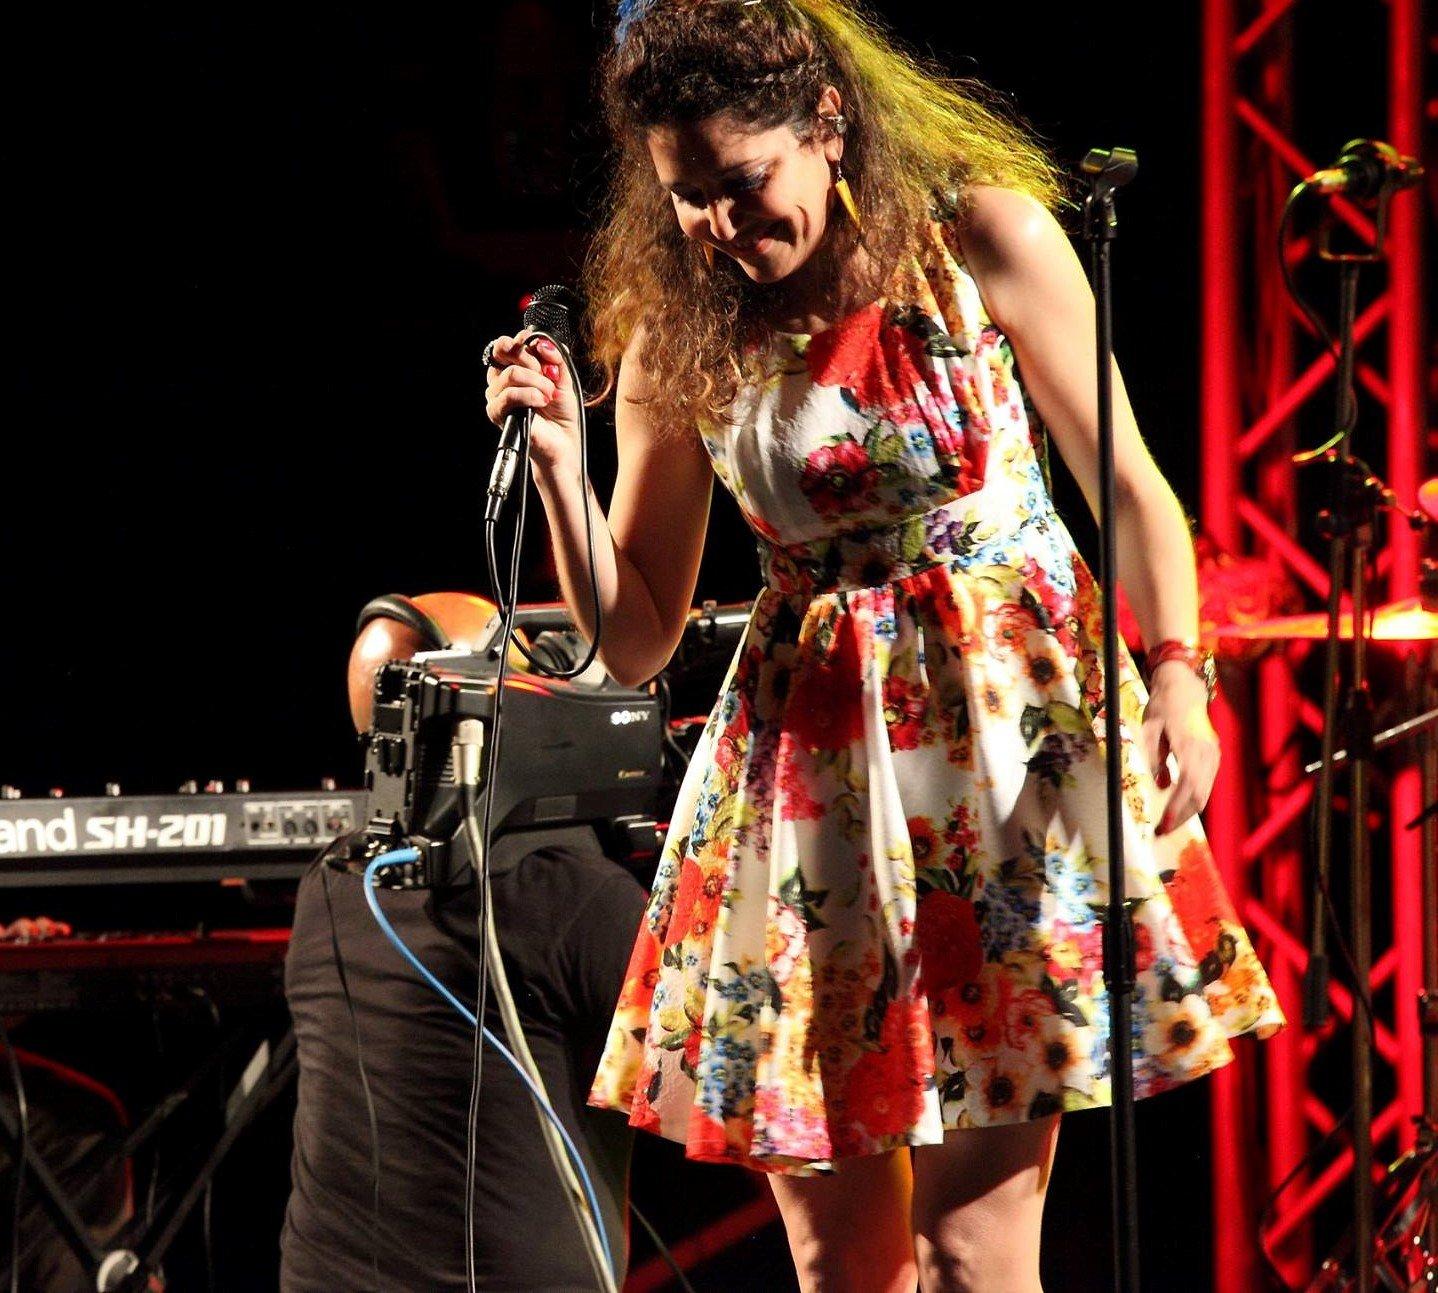 """Mercoledì 23 ottobre, a Cagliari, lo spettacolo """"A cena con l'artista"""", con Annabelle Rodriguez."""